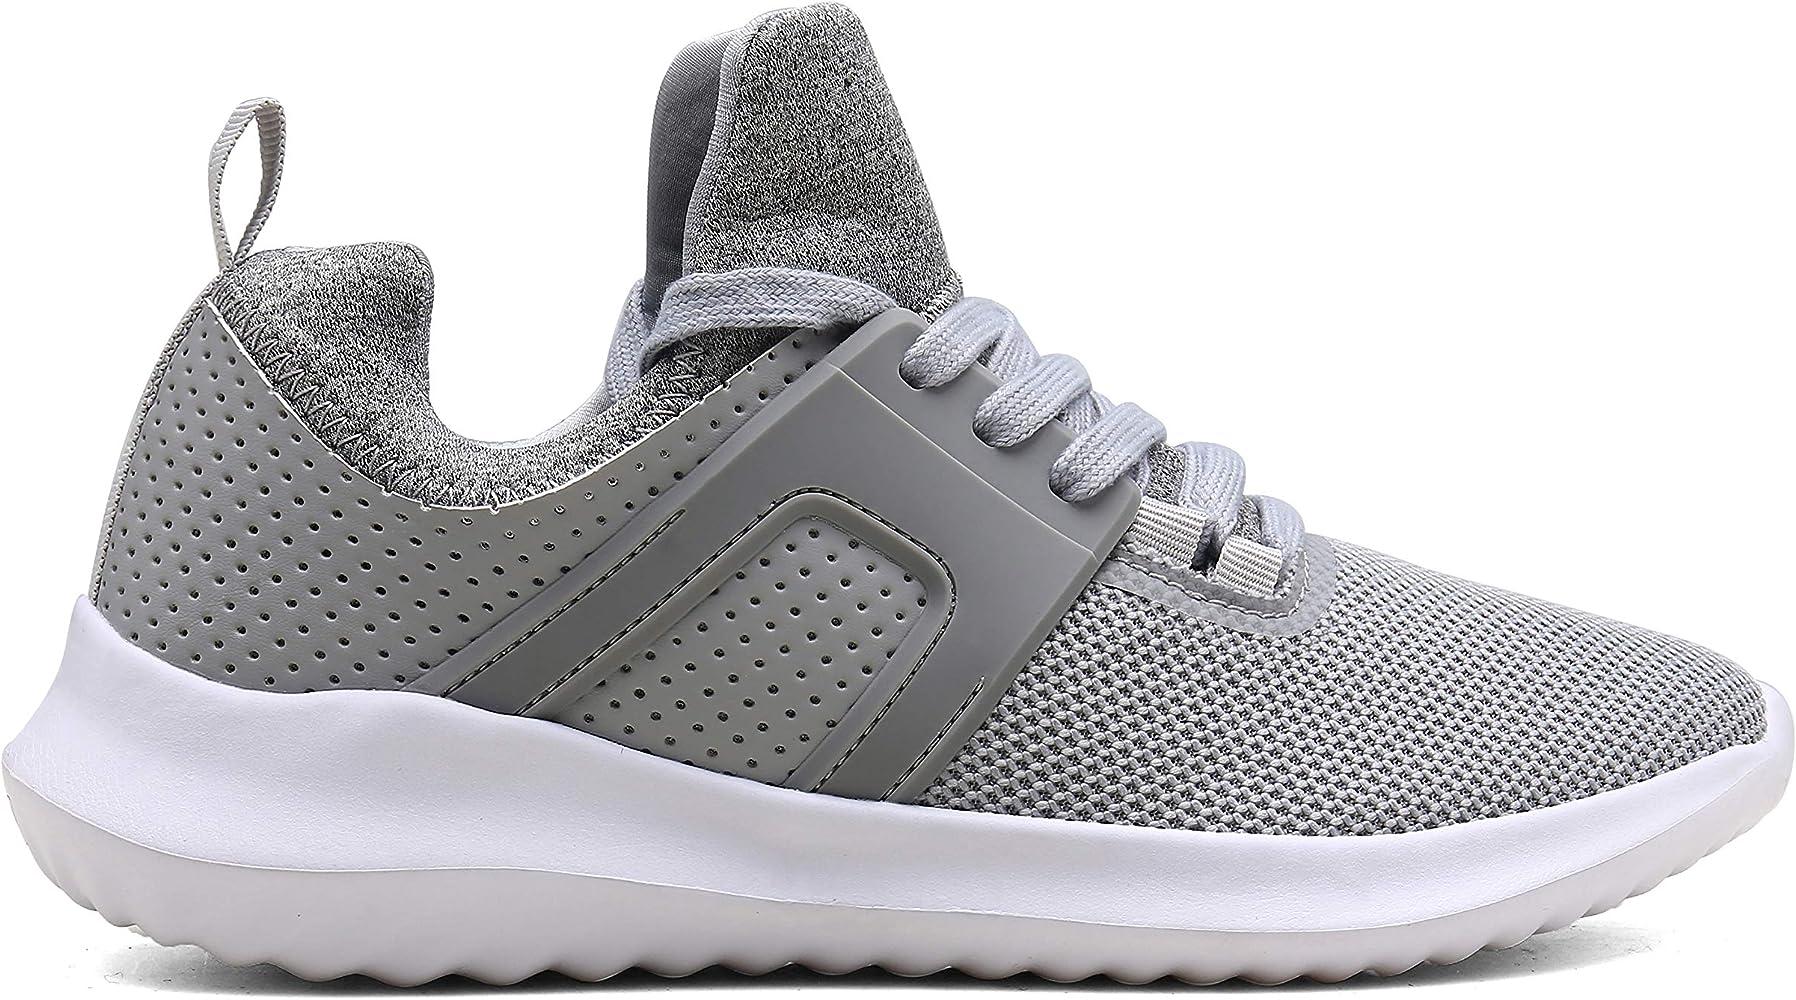 Vedaxin Zapatillas de Deporte Respirable Sneakers Zapatillas Running para Hombre Mujer Unisex (EU40, A Gris Claro ...